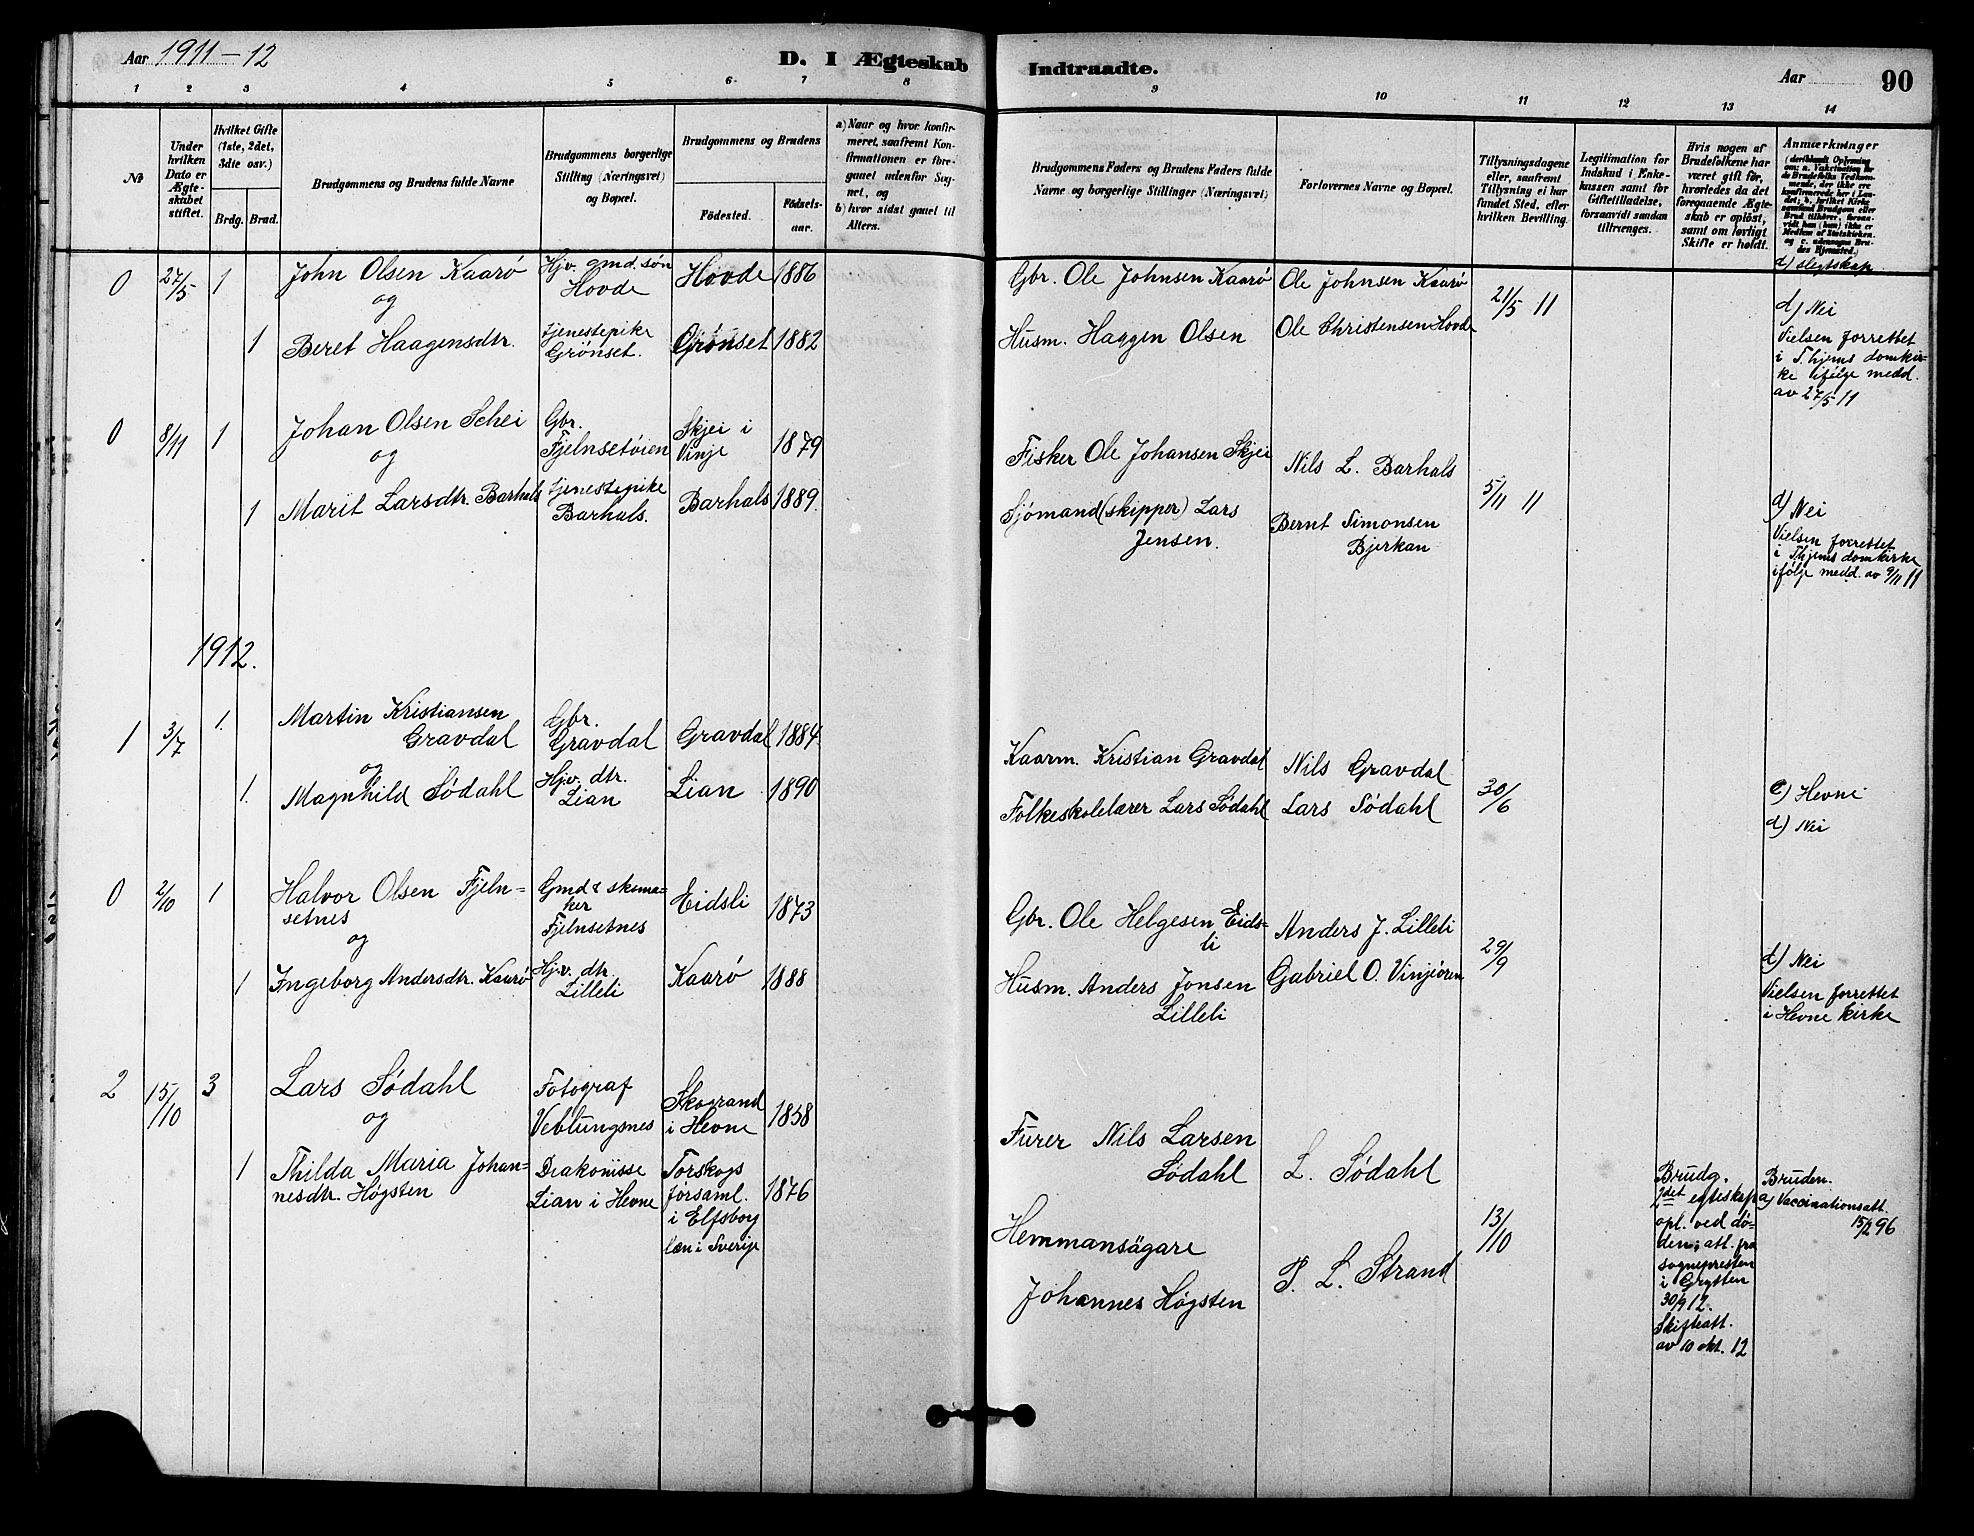 SAT, Ministerialprotokoller, klokkerbøker og fødselsregistre - Sør-Trøndelag, 631/L0514: Klokkerbok nr. 631C02, 1879-1912, s. 90